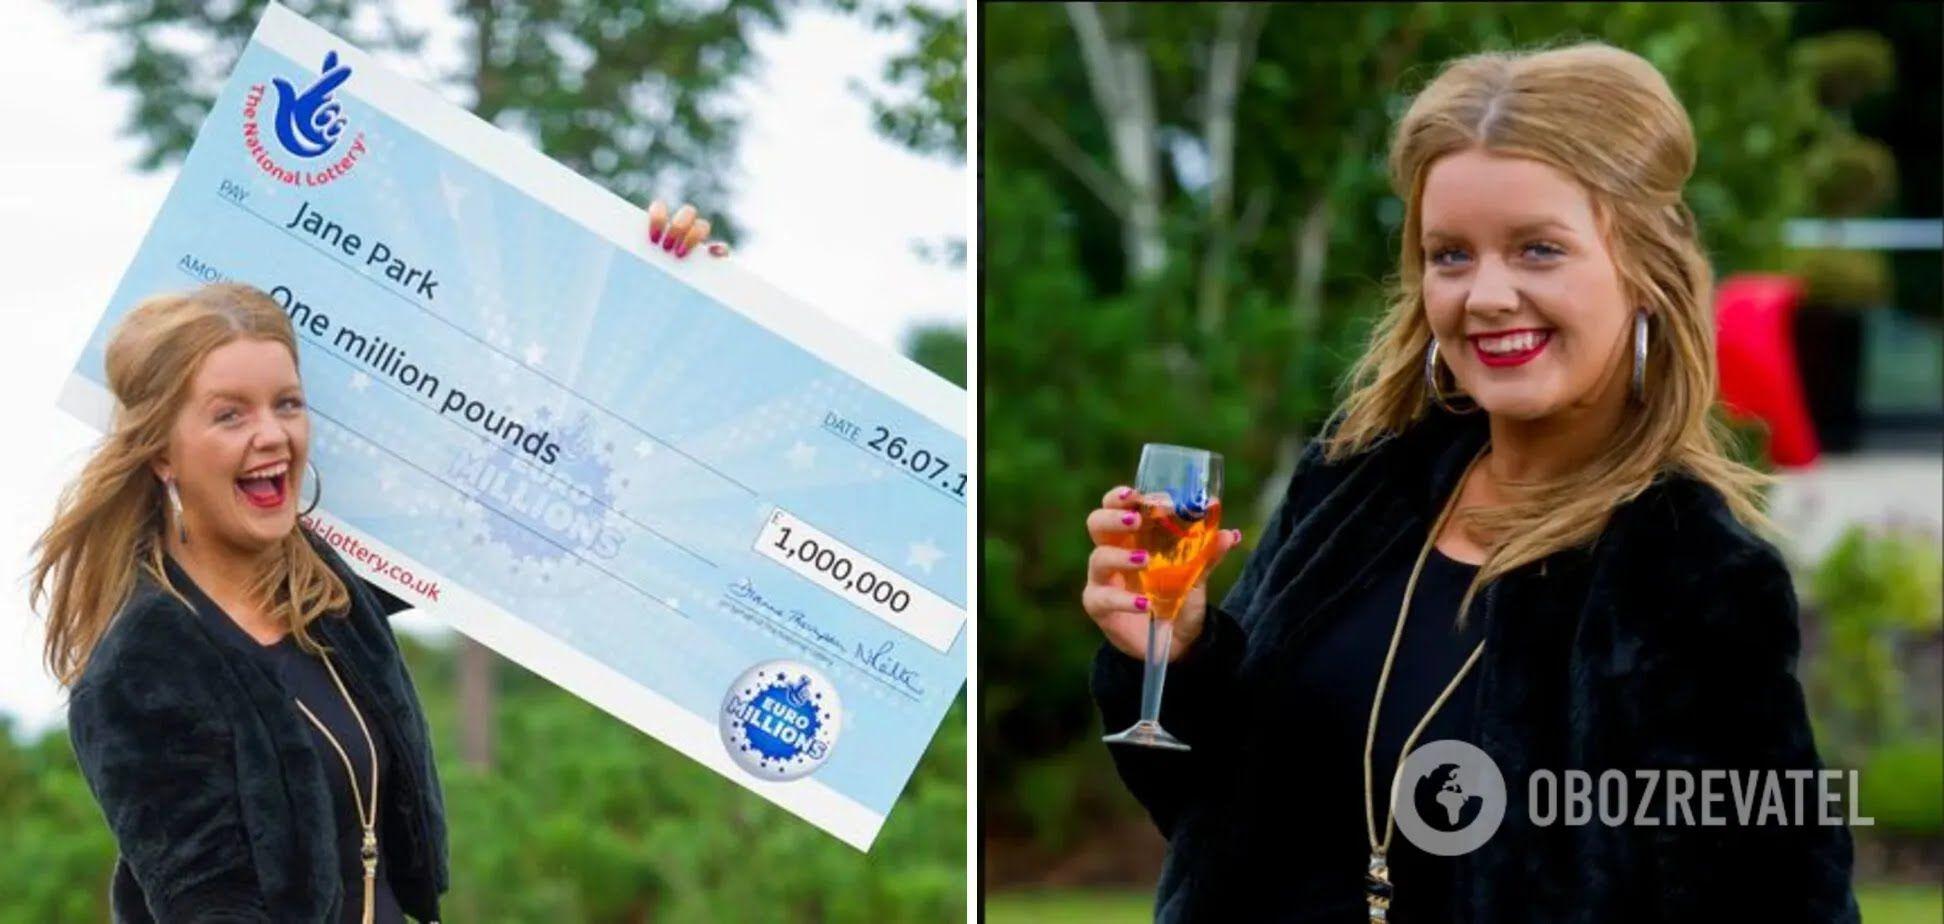 Джейн Парк в 2013 році виграла мільйон фунтів